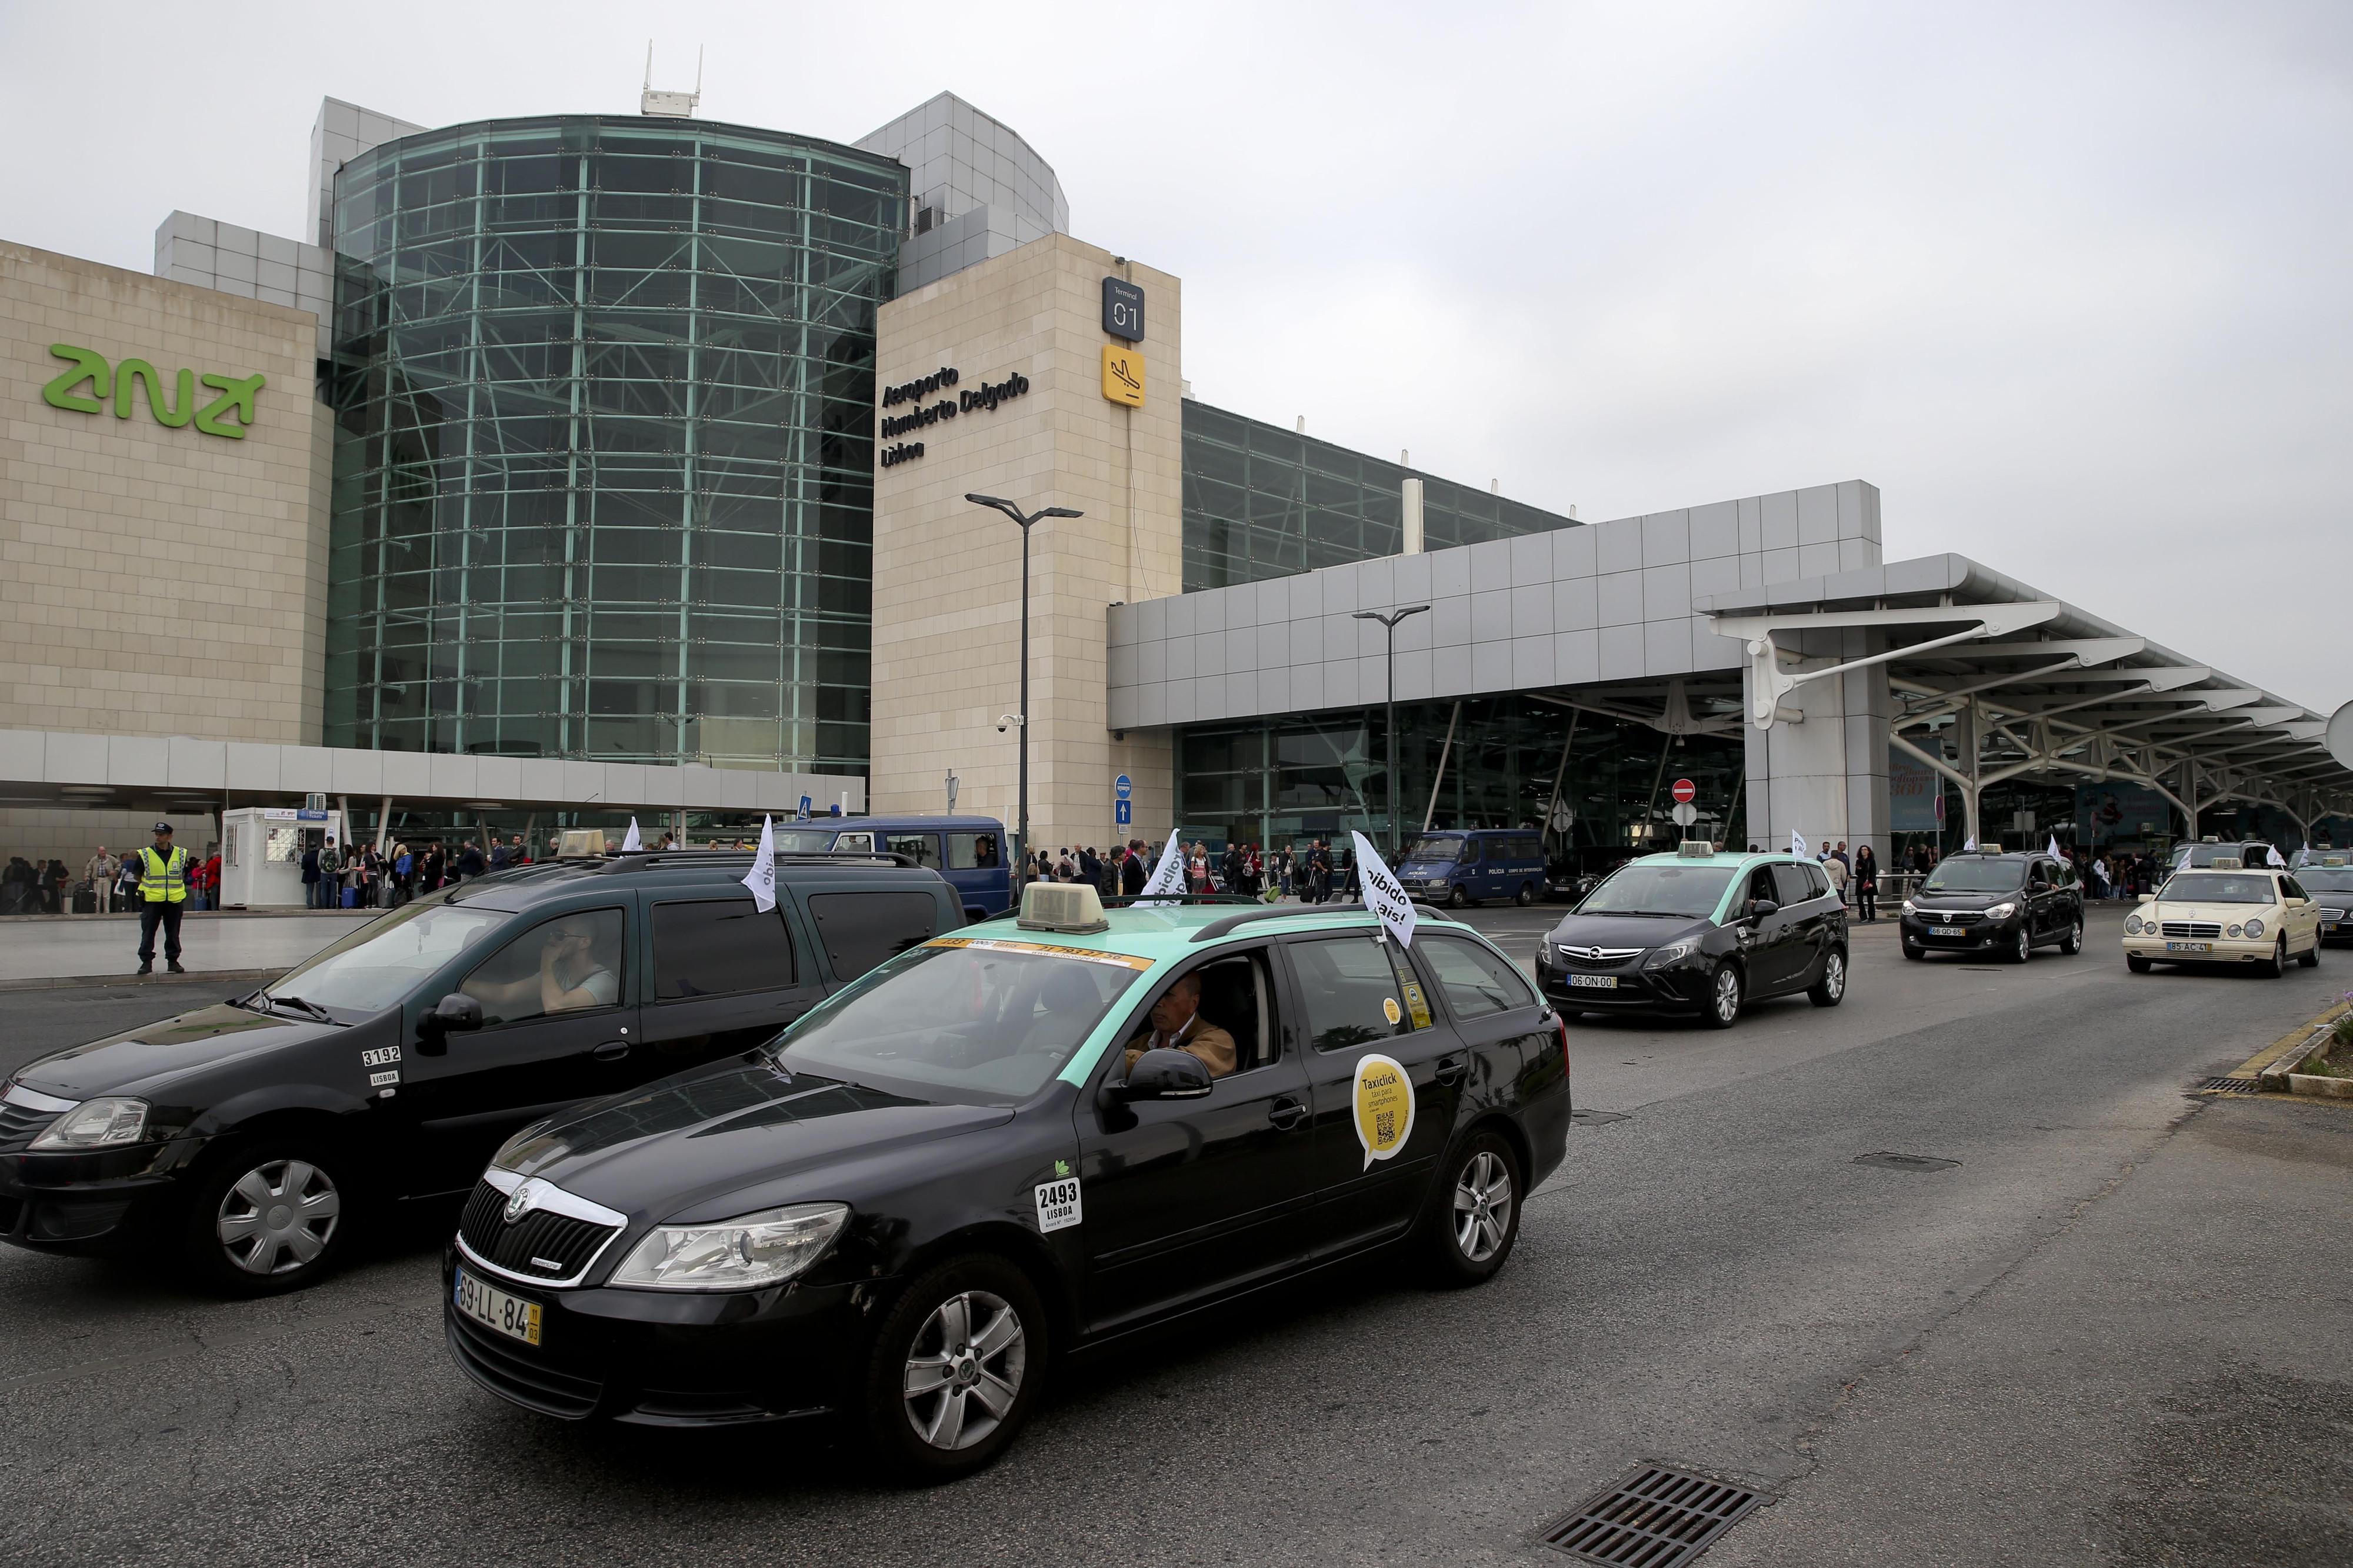 Aeroportos portugueses sem impacto da greve de seguranças e vigilantes privados